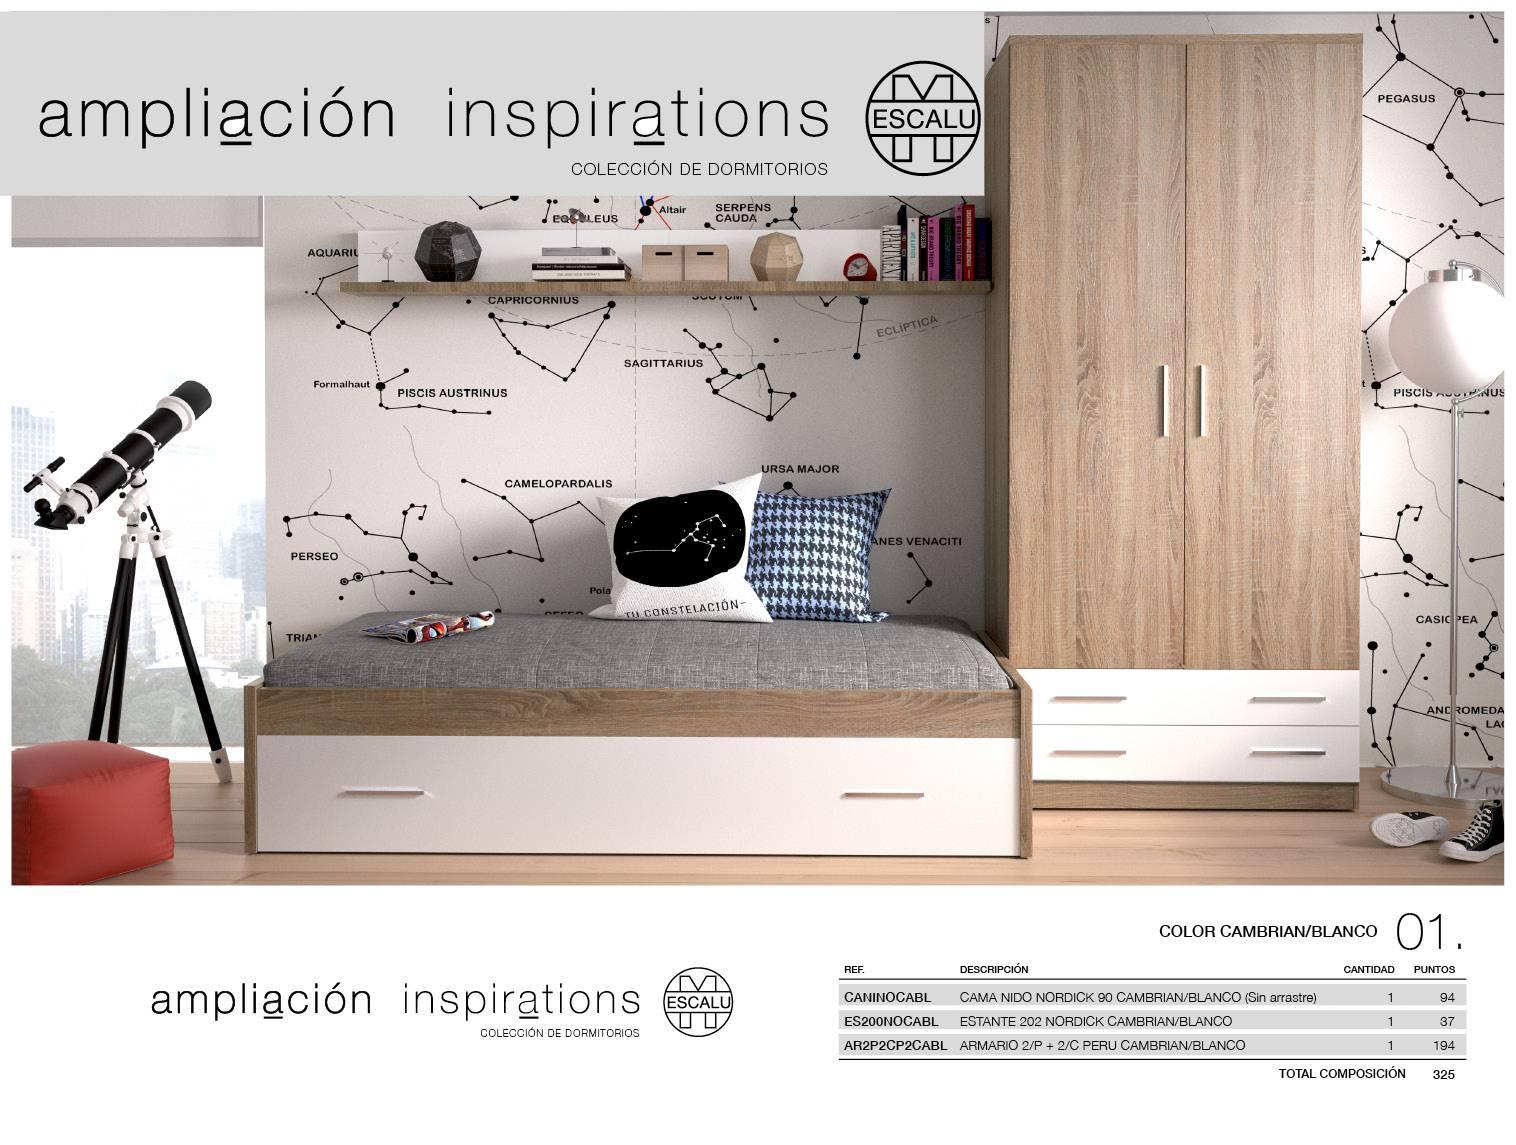 AmpliacionInspiration_1